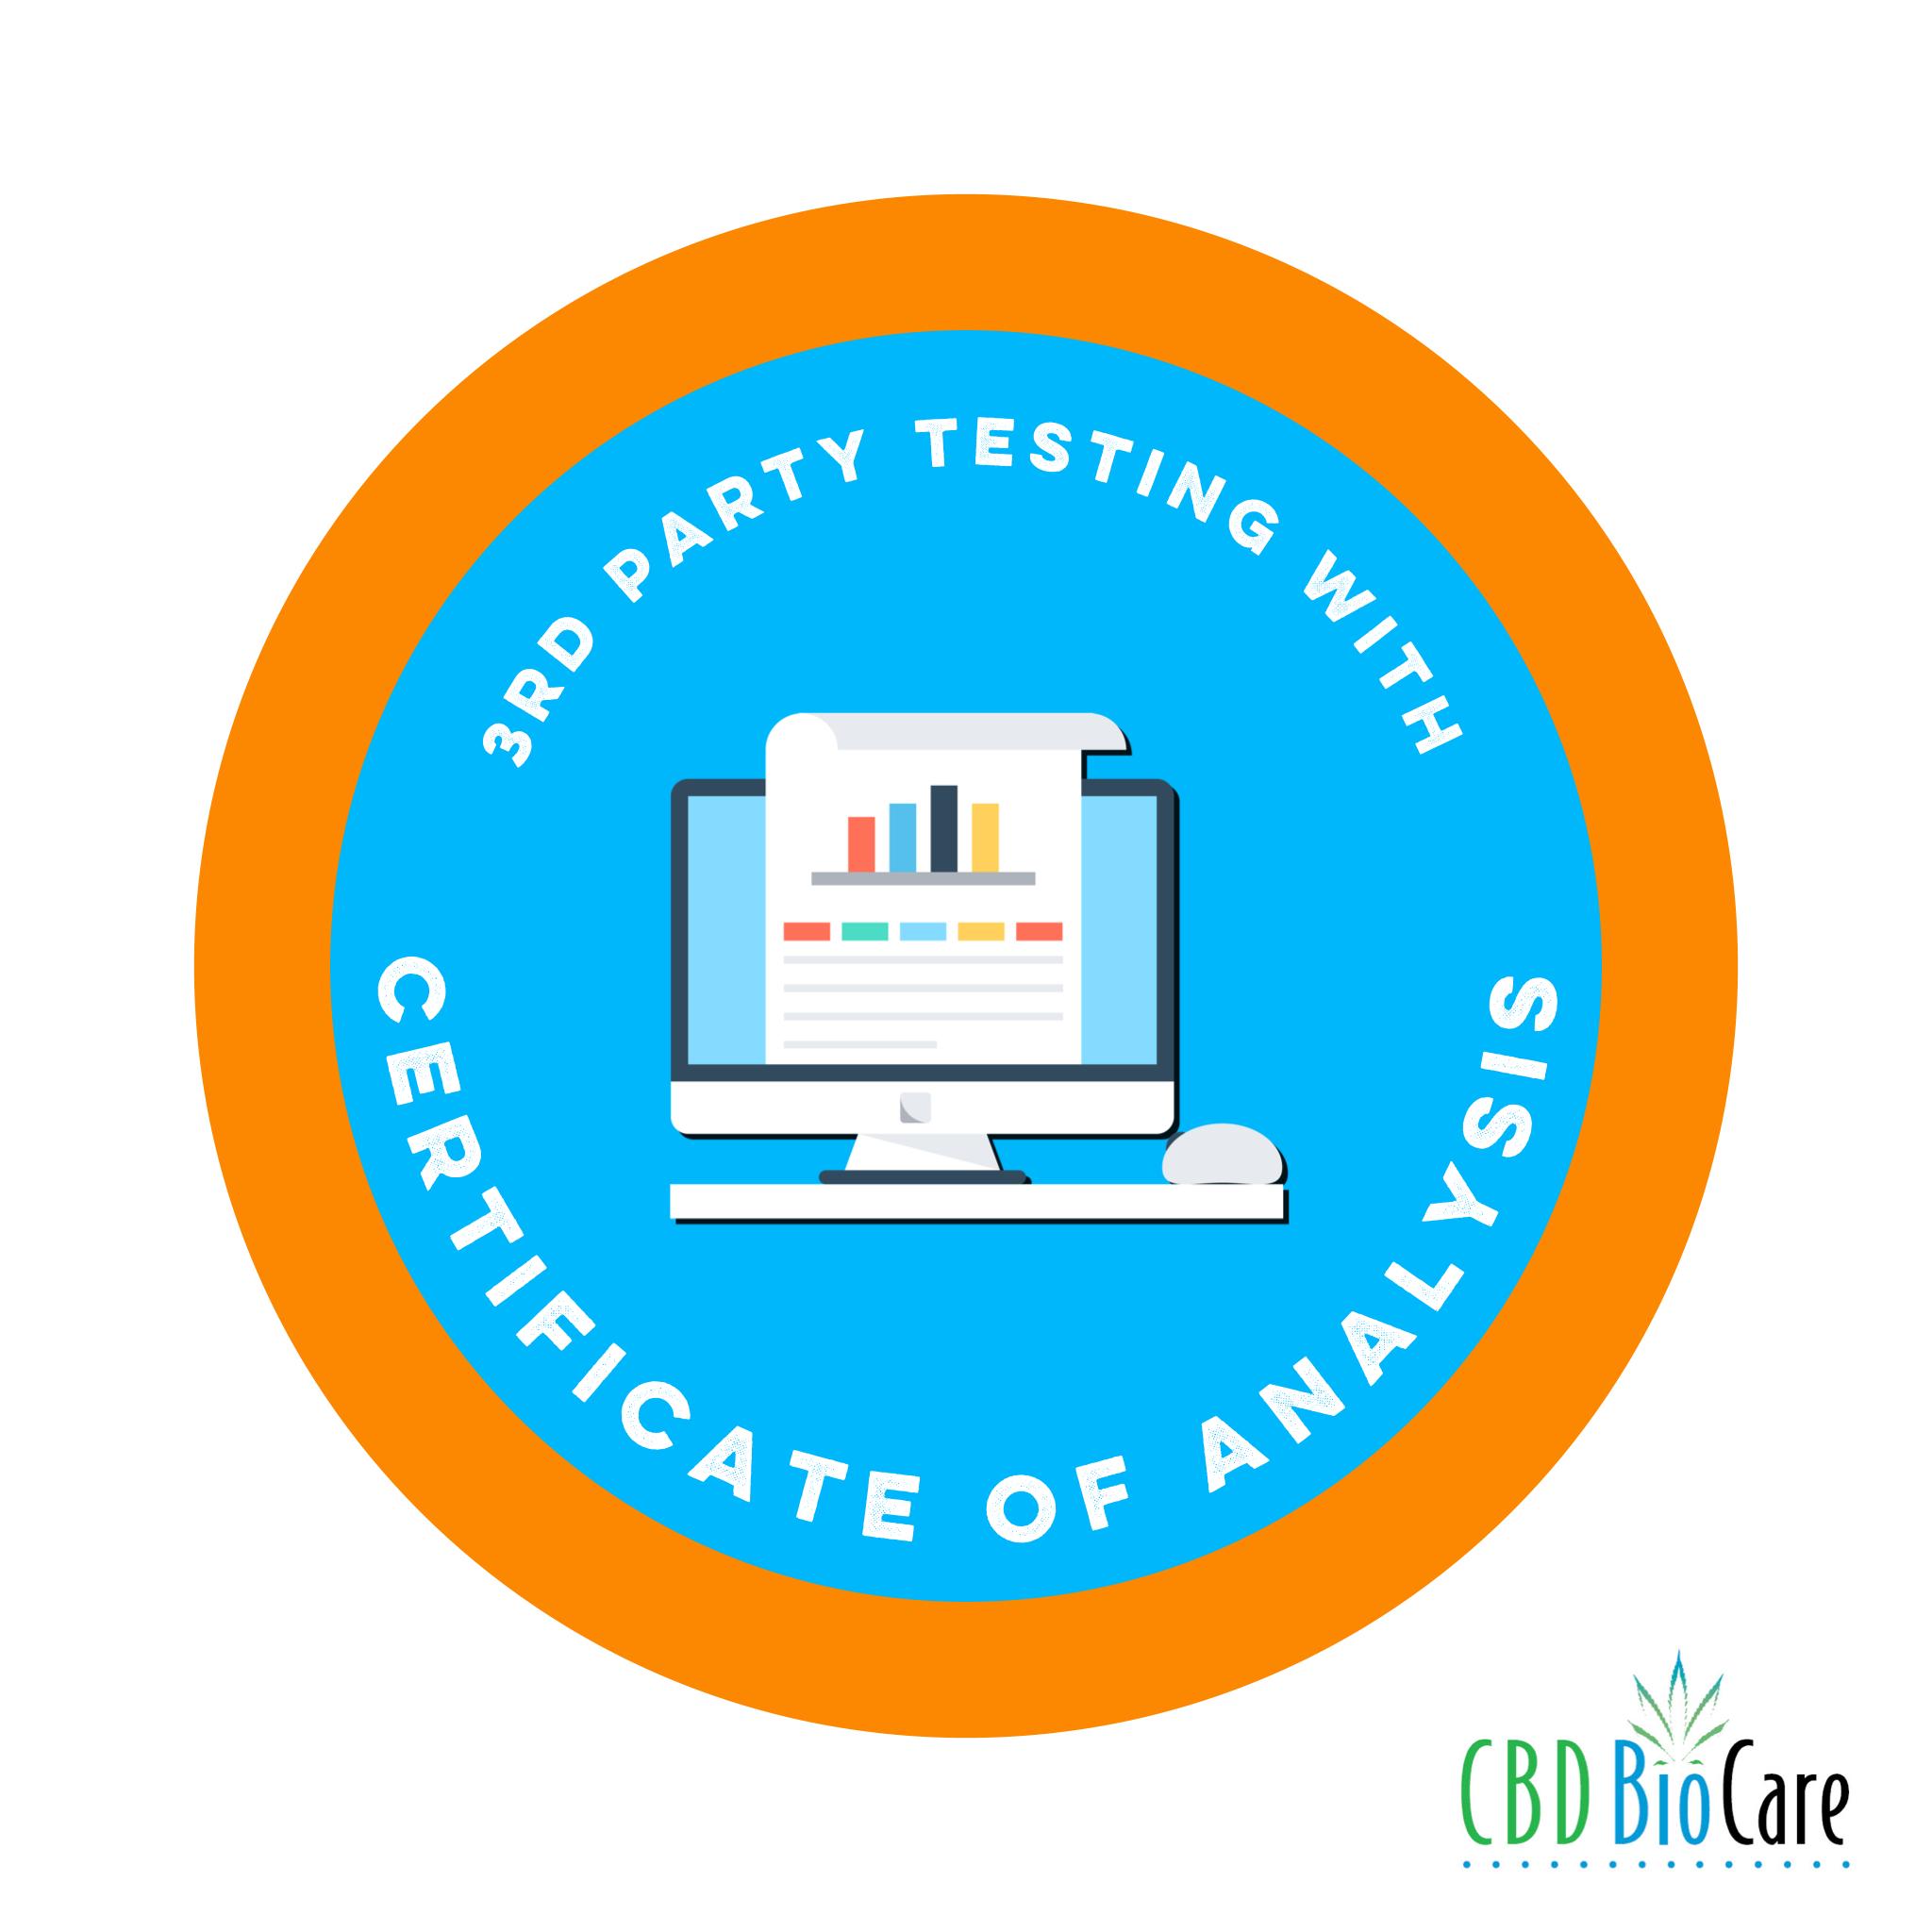 cbd biocare third party